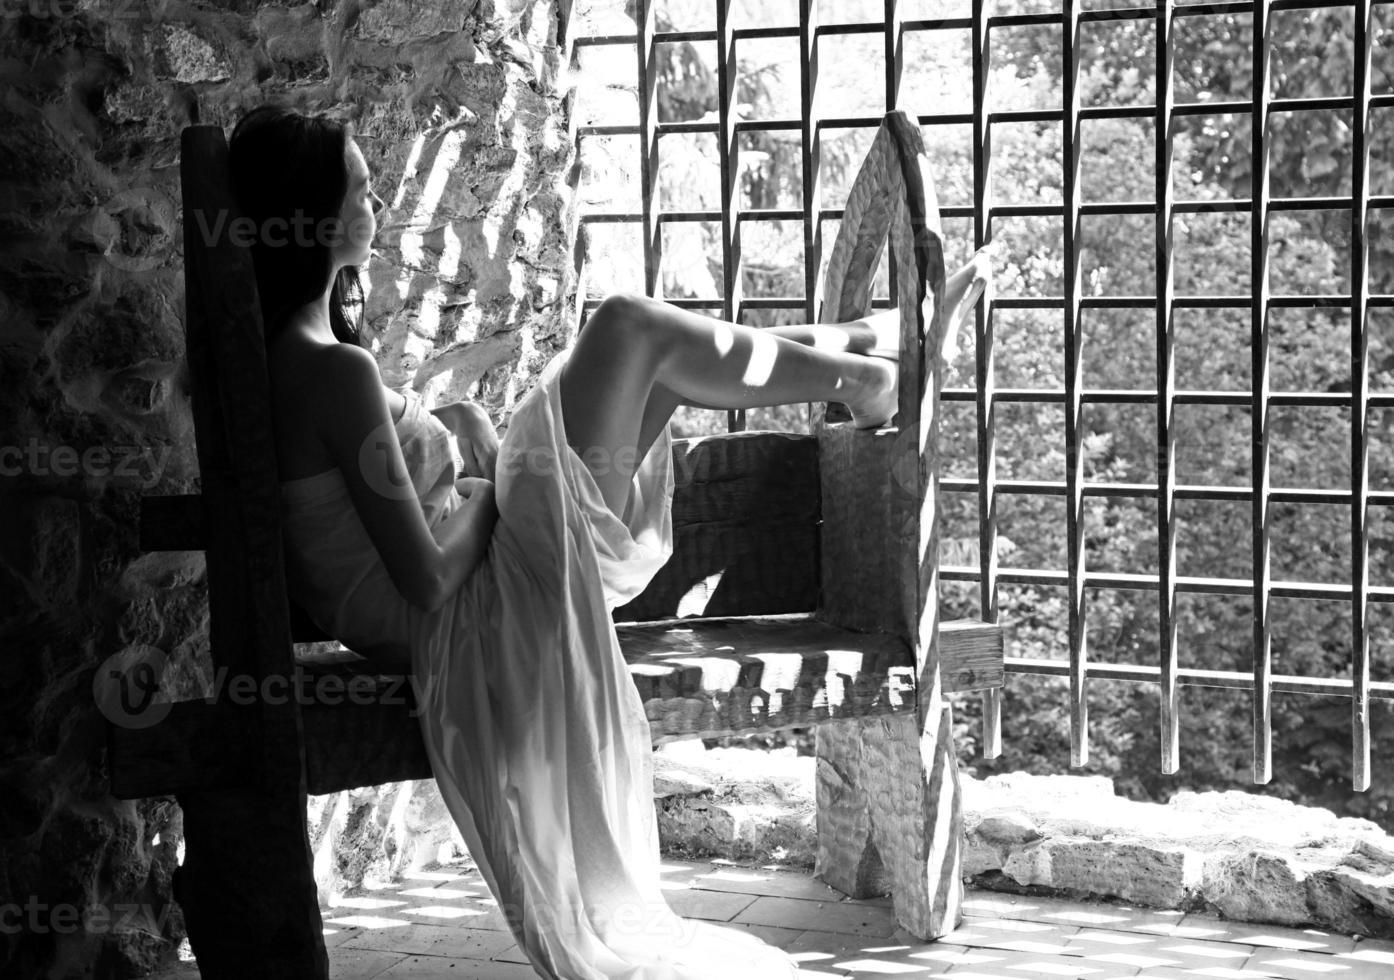 einsames Mädchen im alten Schloss foto